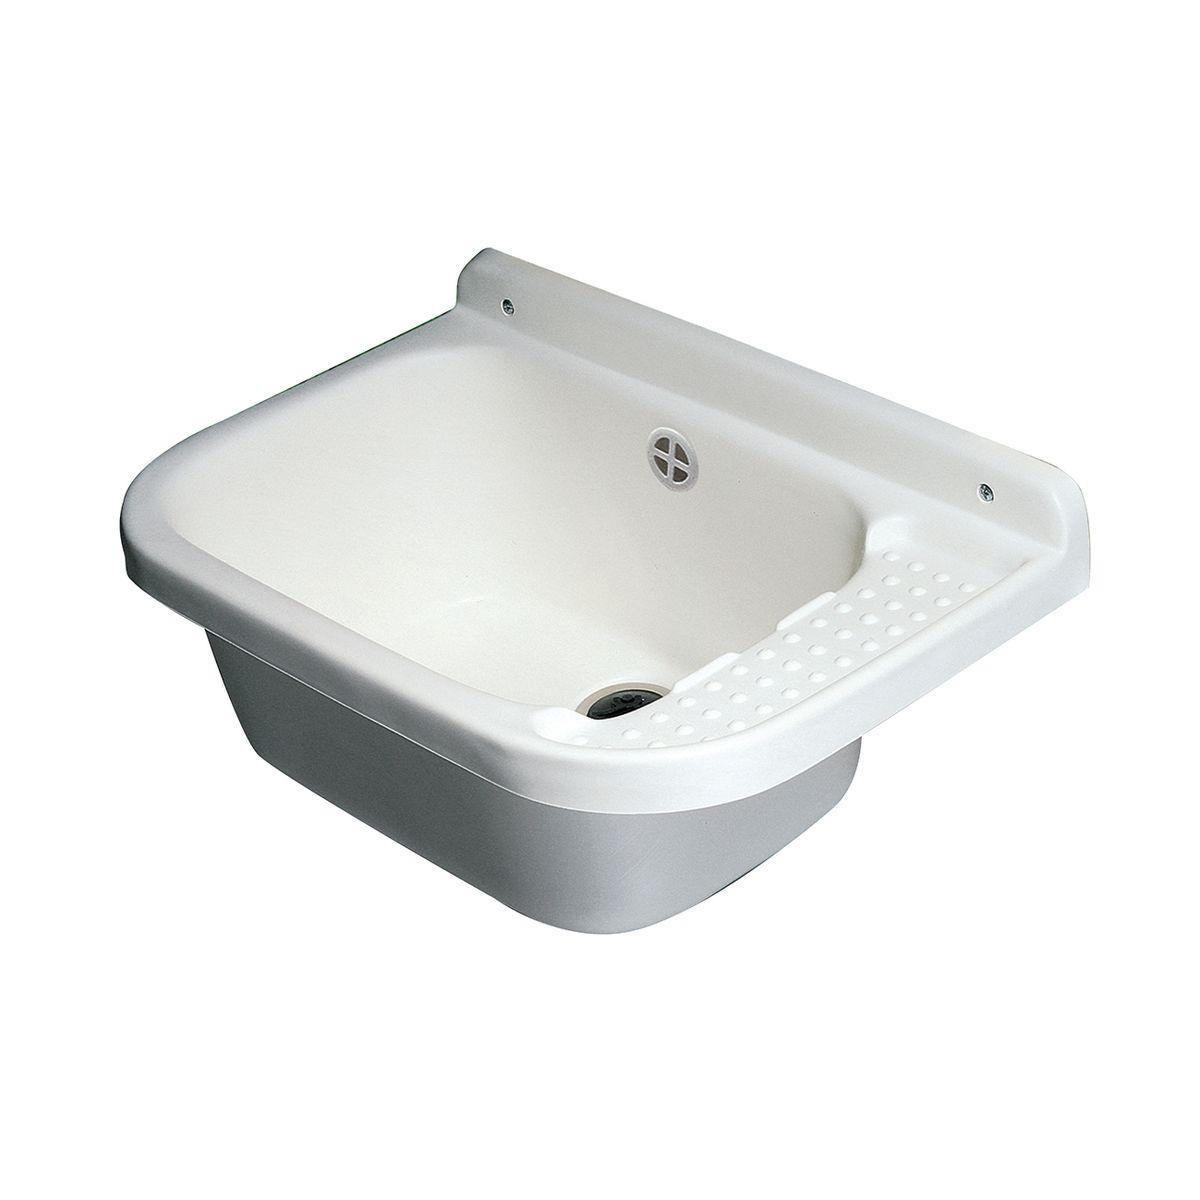 Grancasa offerte lavatrici mobili bagno grancasa prezzi for Bossi arredamenti saronno